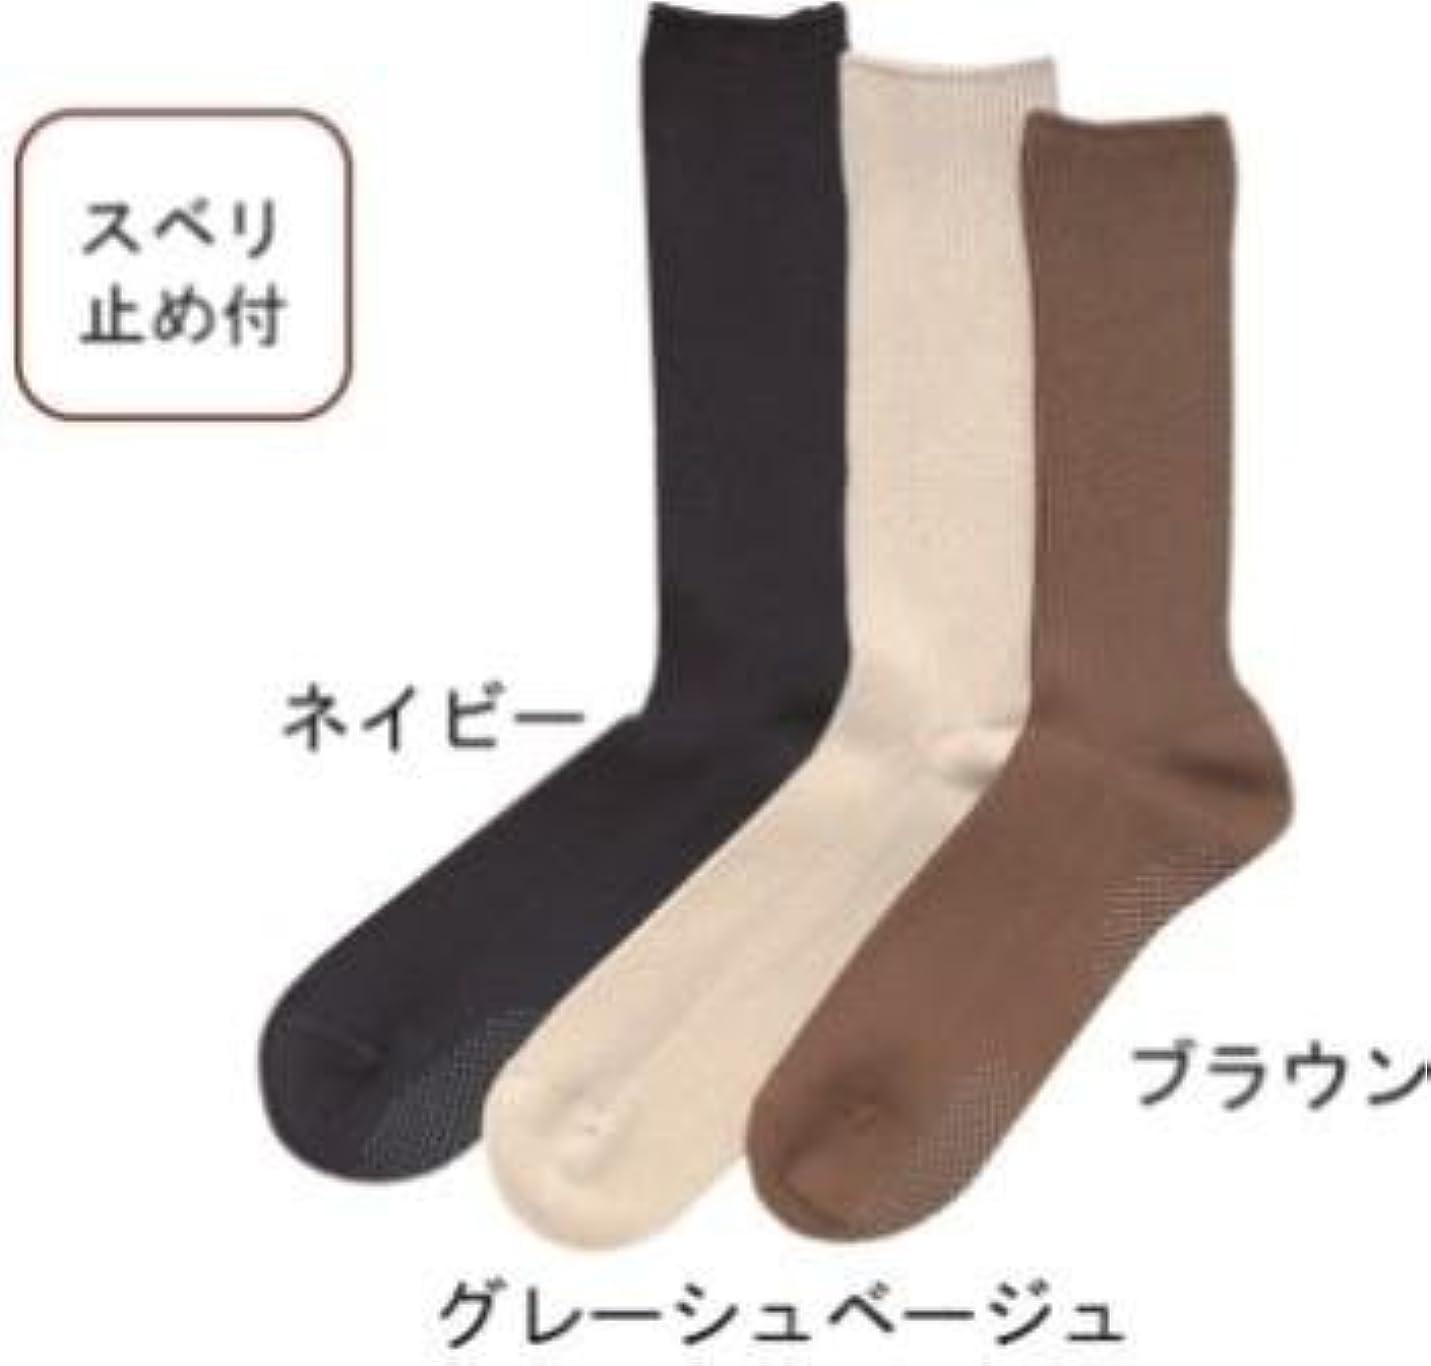 部族時刻表相対サイズ靴下 紳士ソックス(通年用) (HL712):24~26cm ブラウン